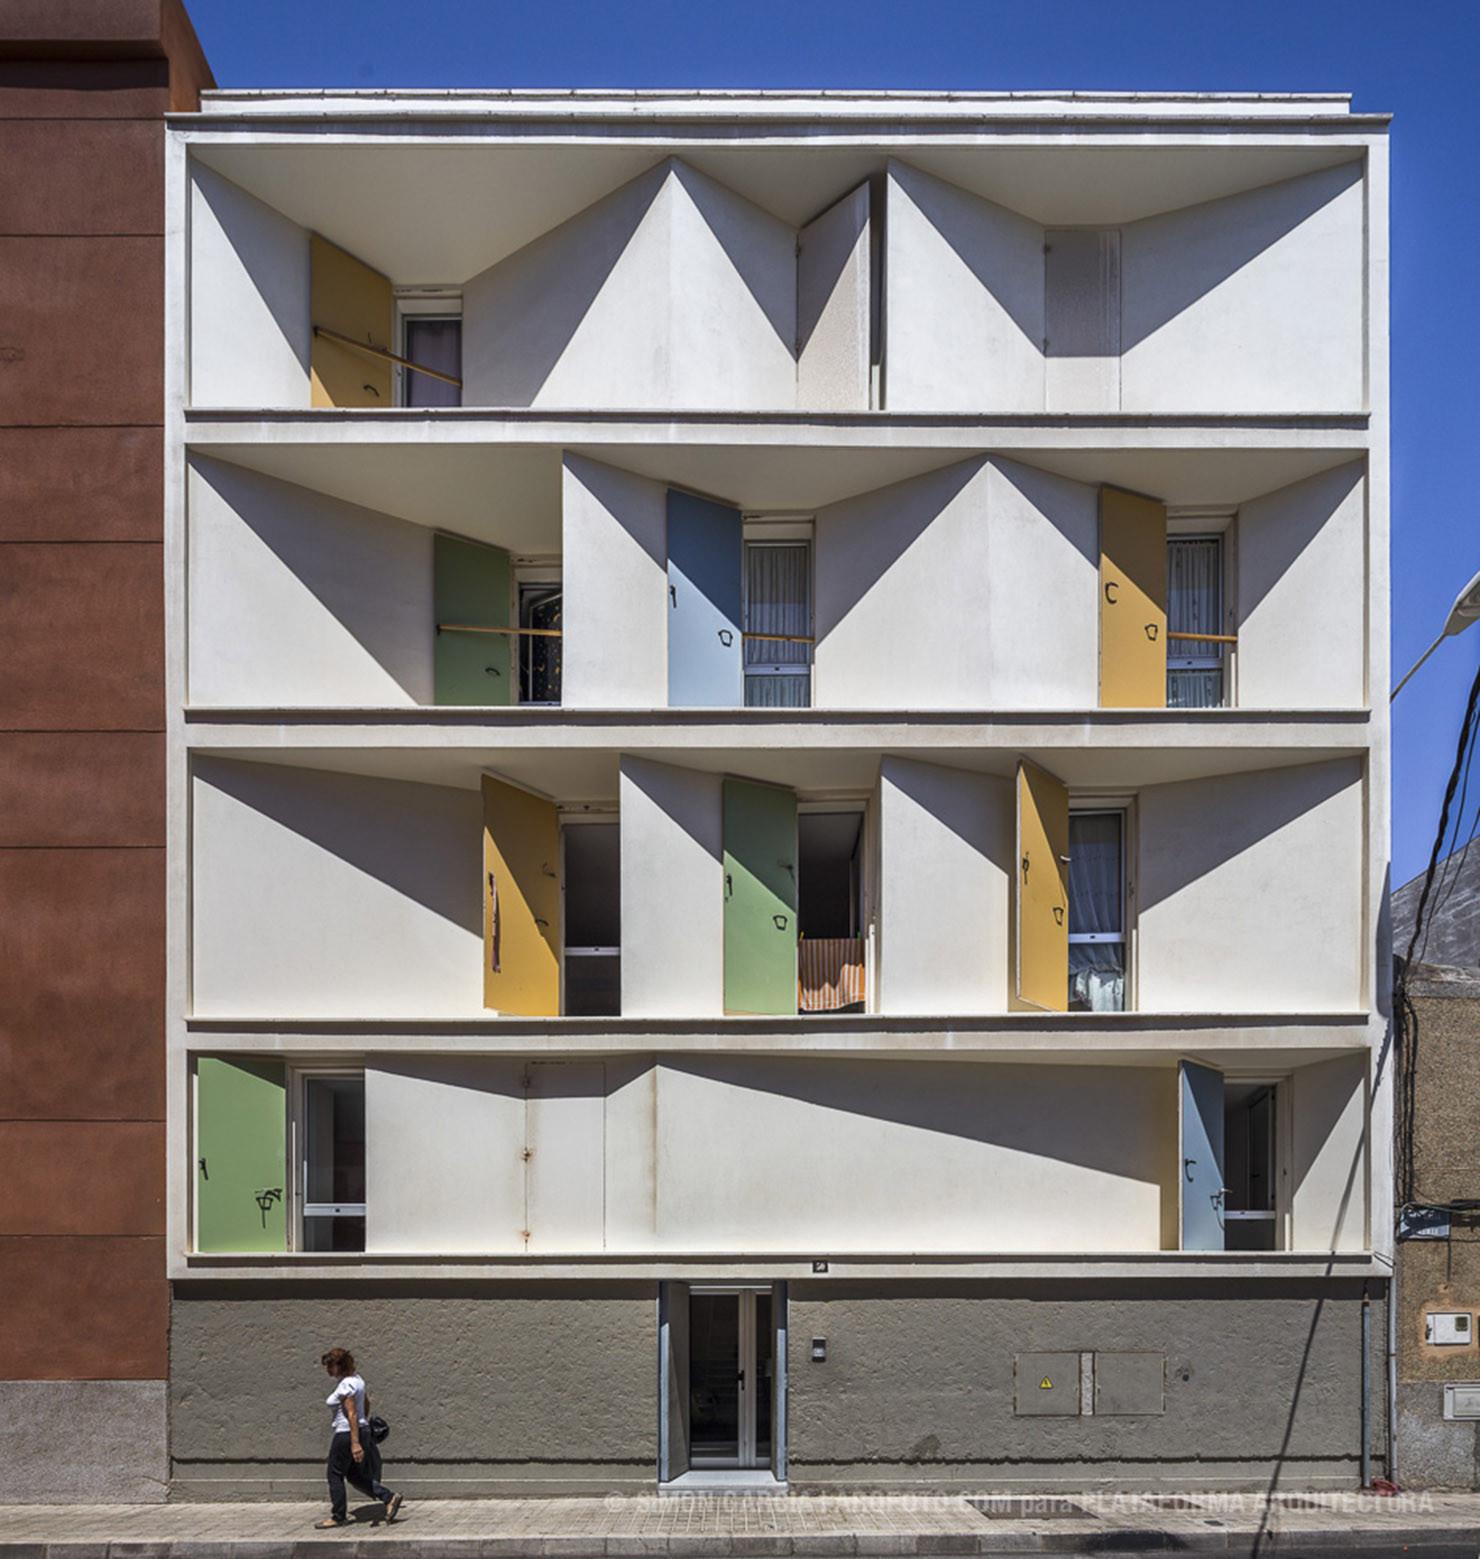 8 Casas Inscritas y Tres Patios / Romera y Ruiz Arquitectos, © Simón García